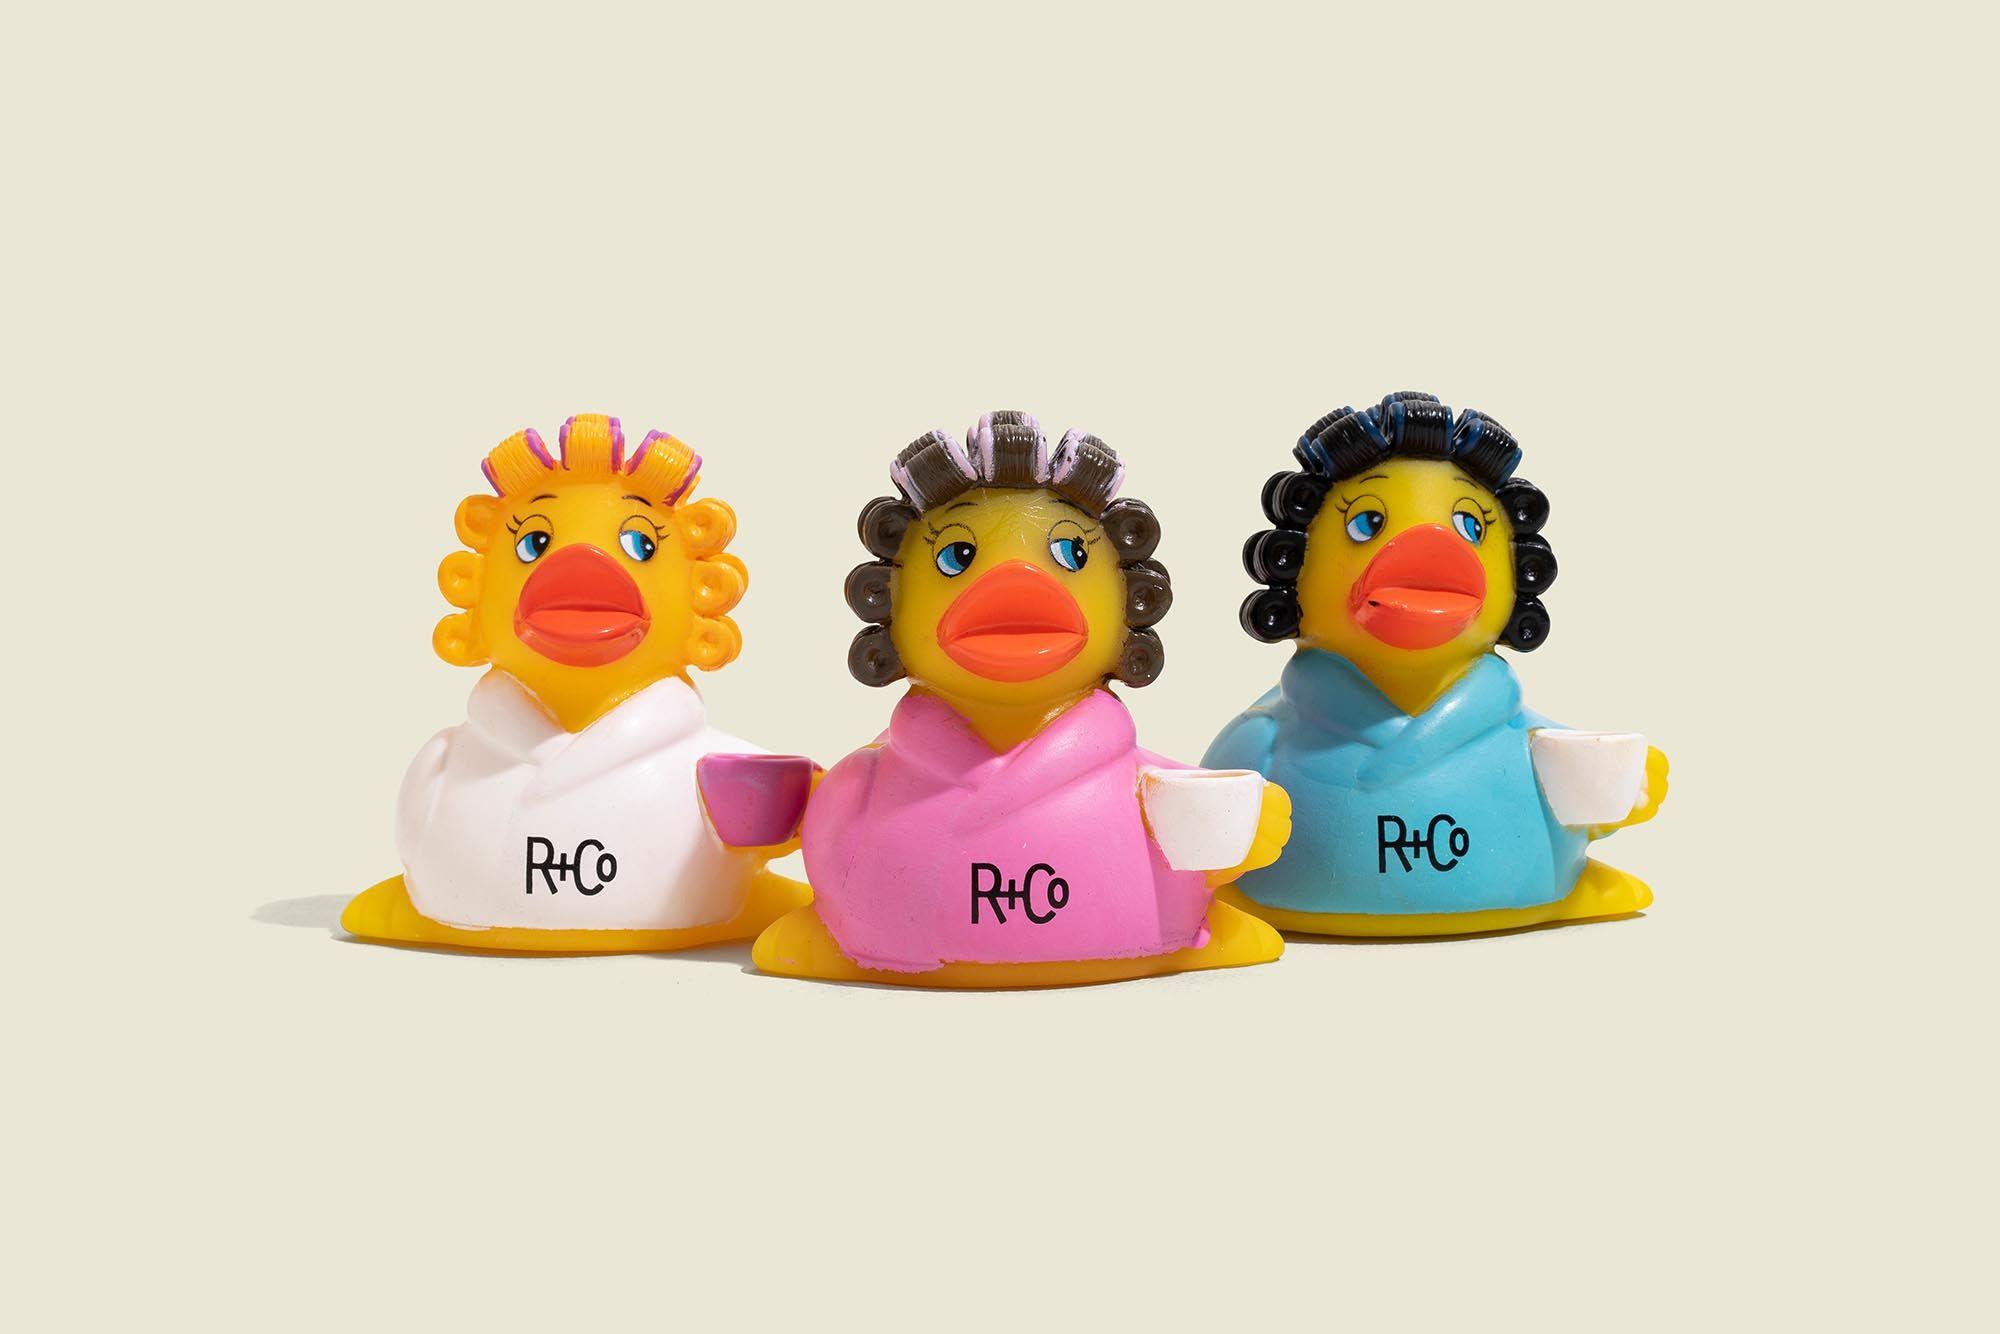 Custom rubber ducks